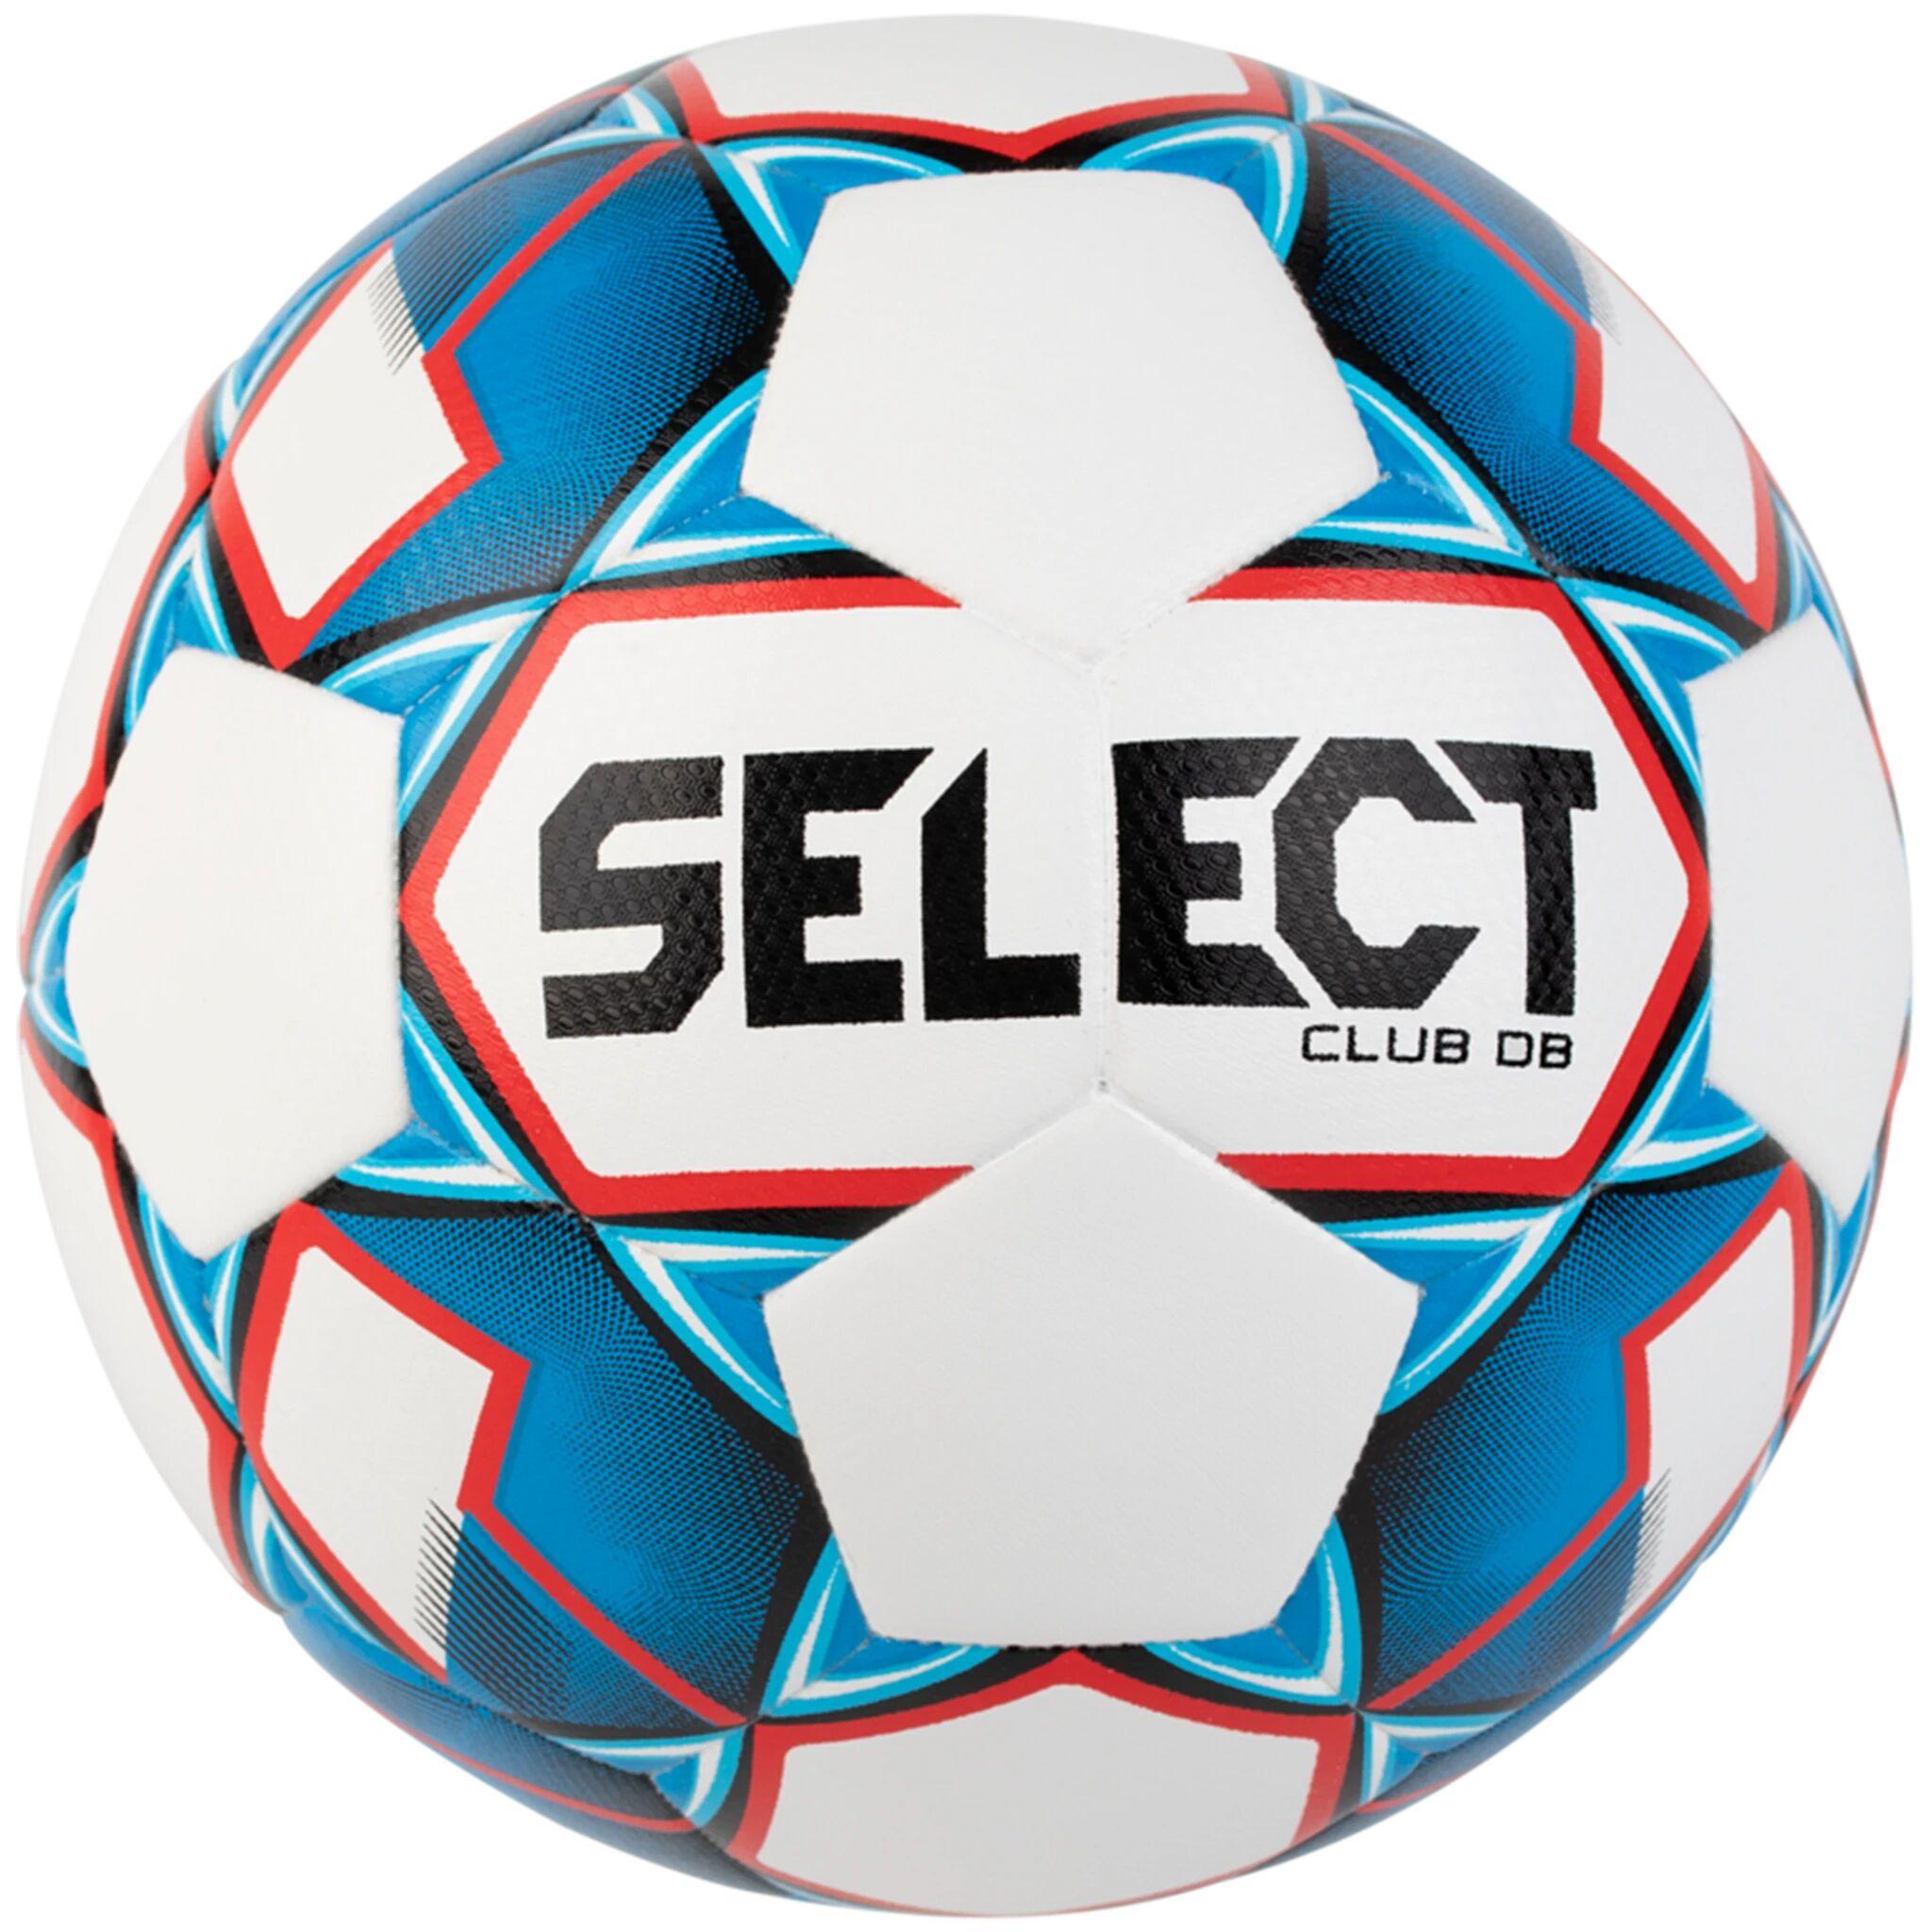 Select FB Club DB v21, fotball 3 WHITE/BLUE